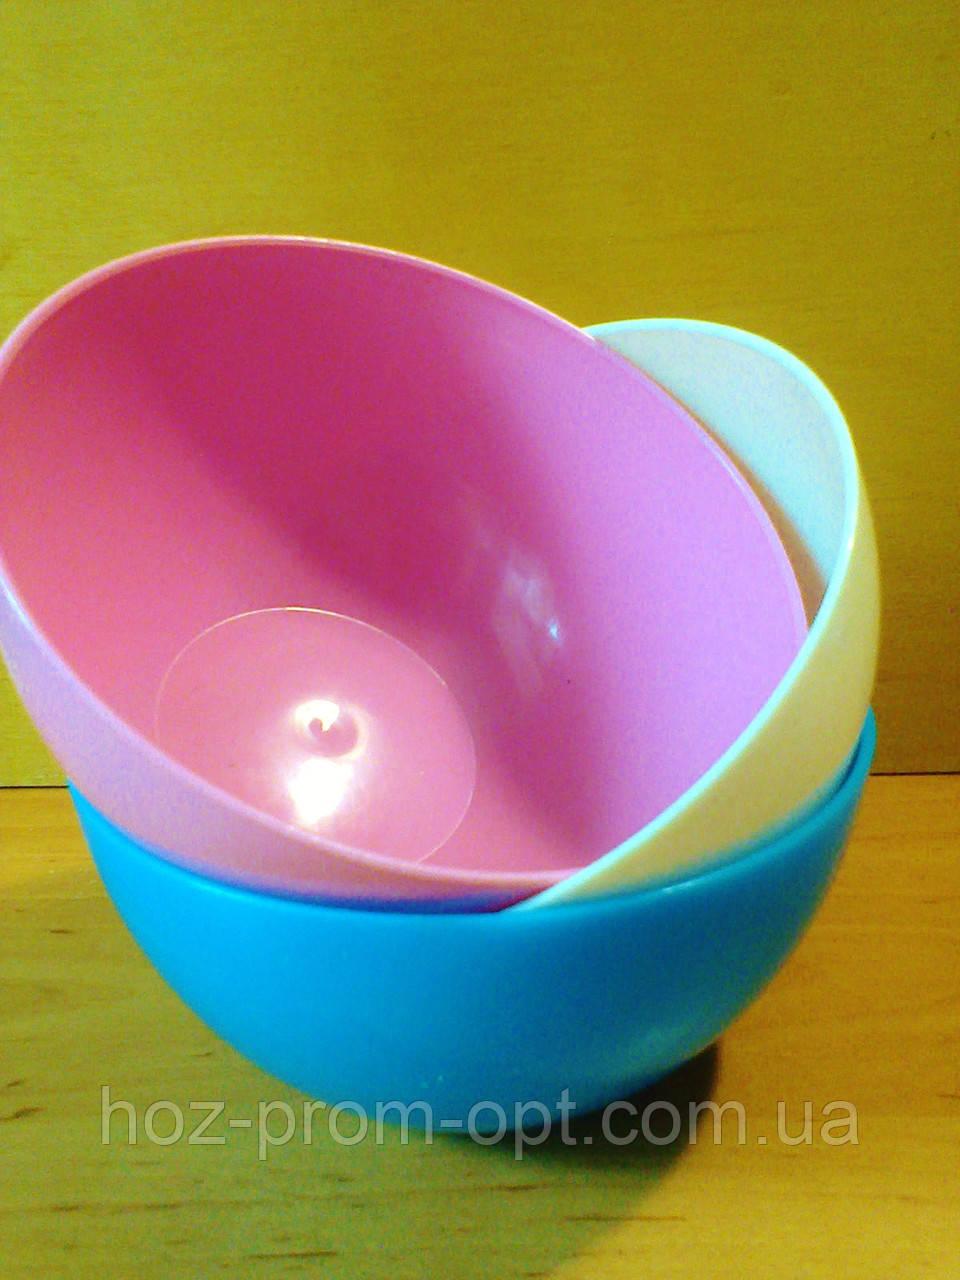 Салатница круглая  0.5 л, пищевой пластик.